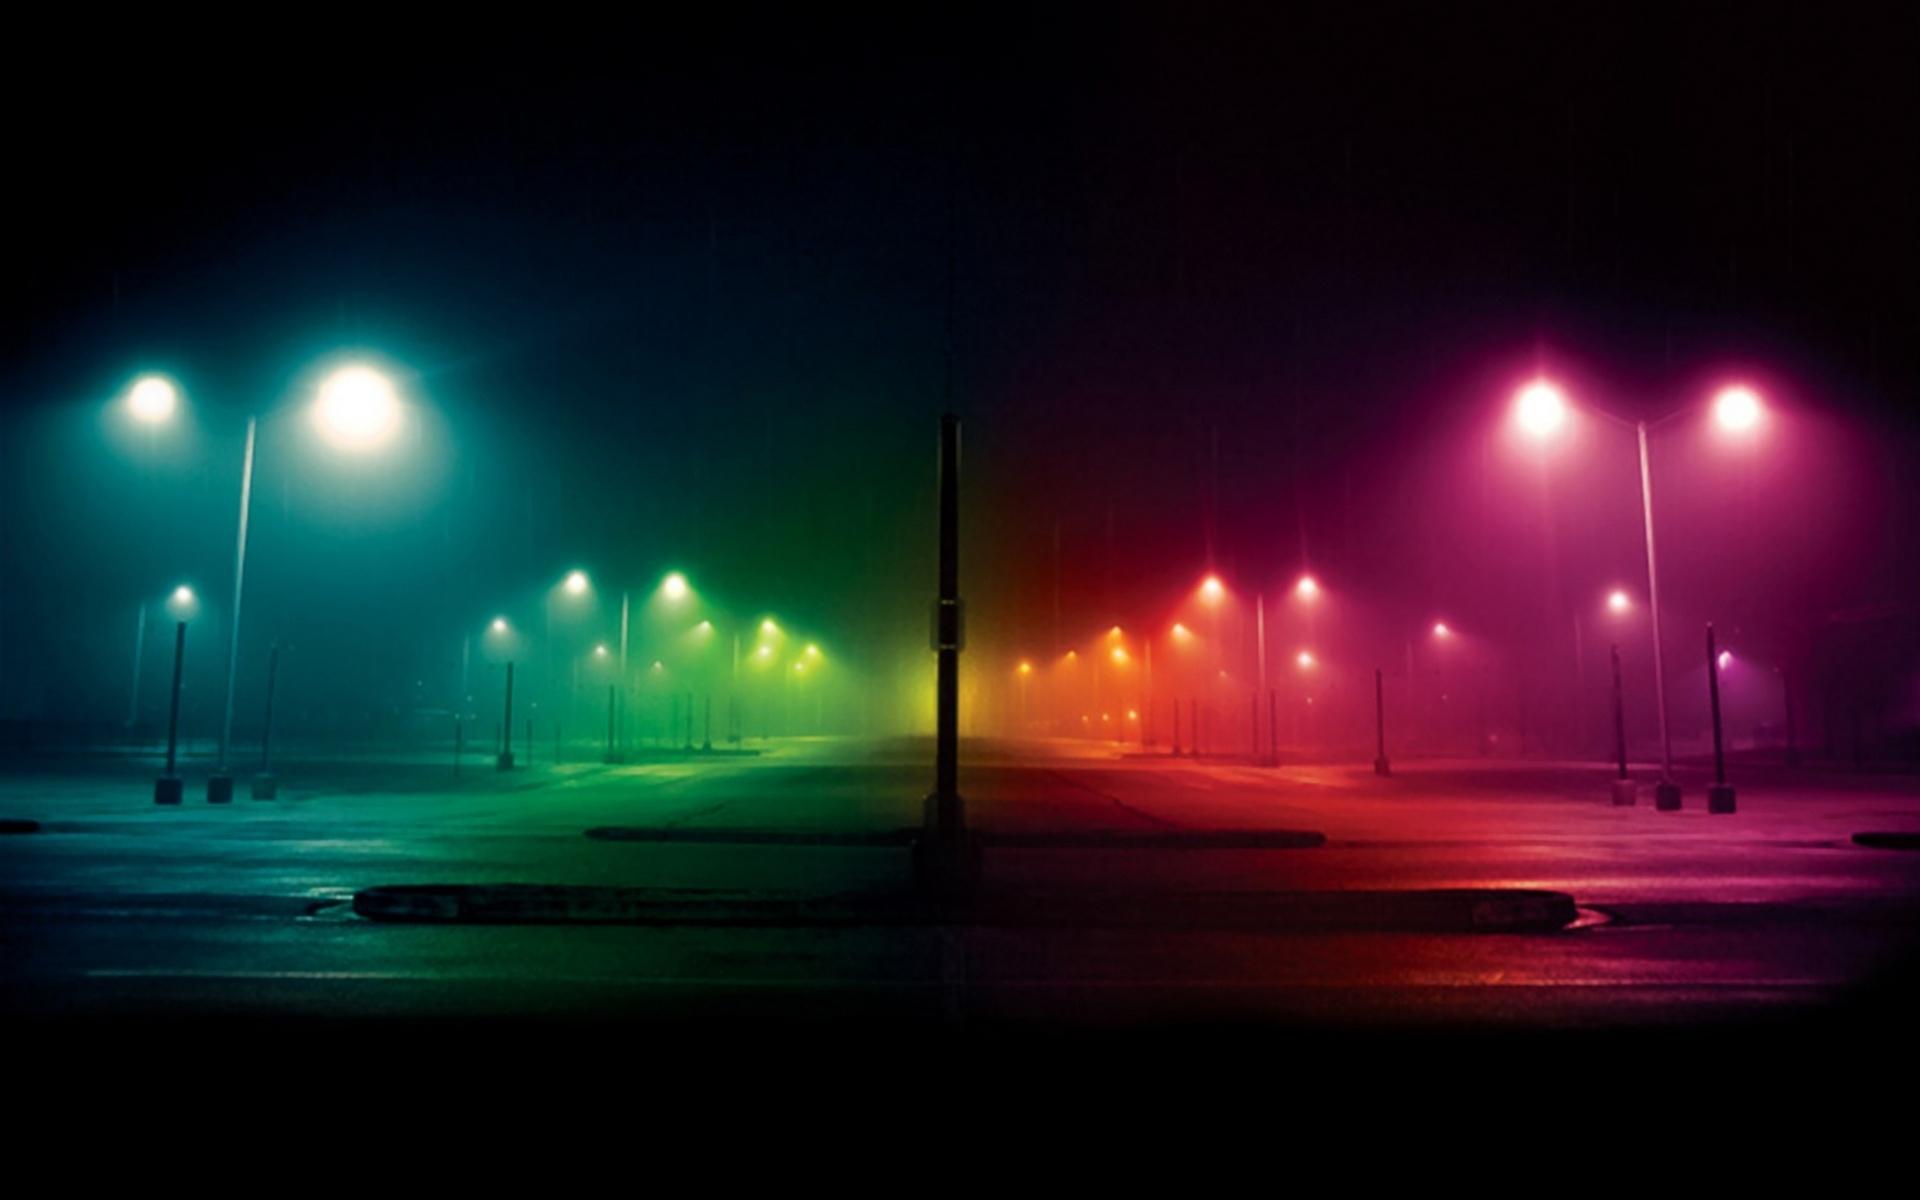 ночь, свет, фонари, все цвета радуги, скачать фото